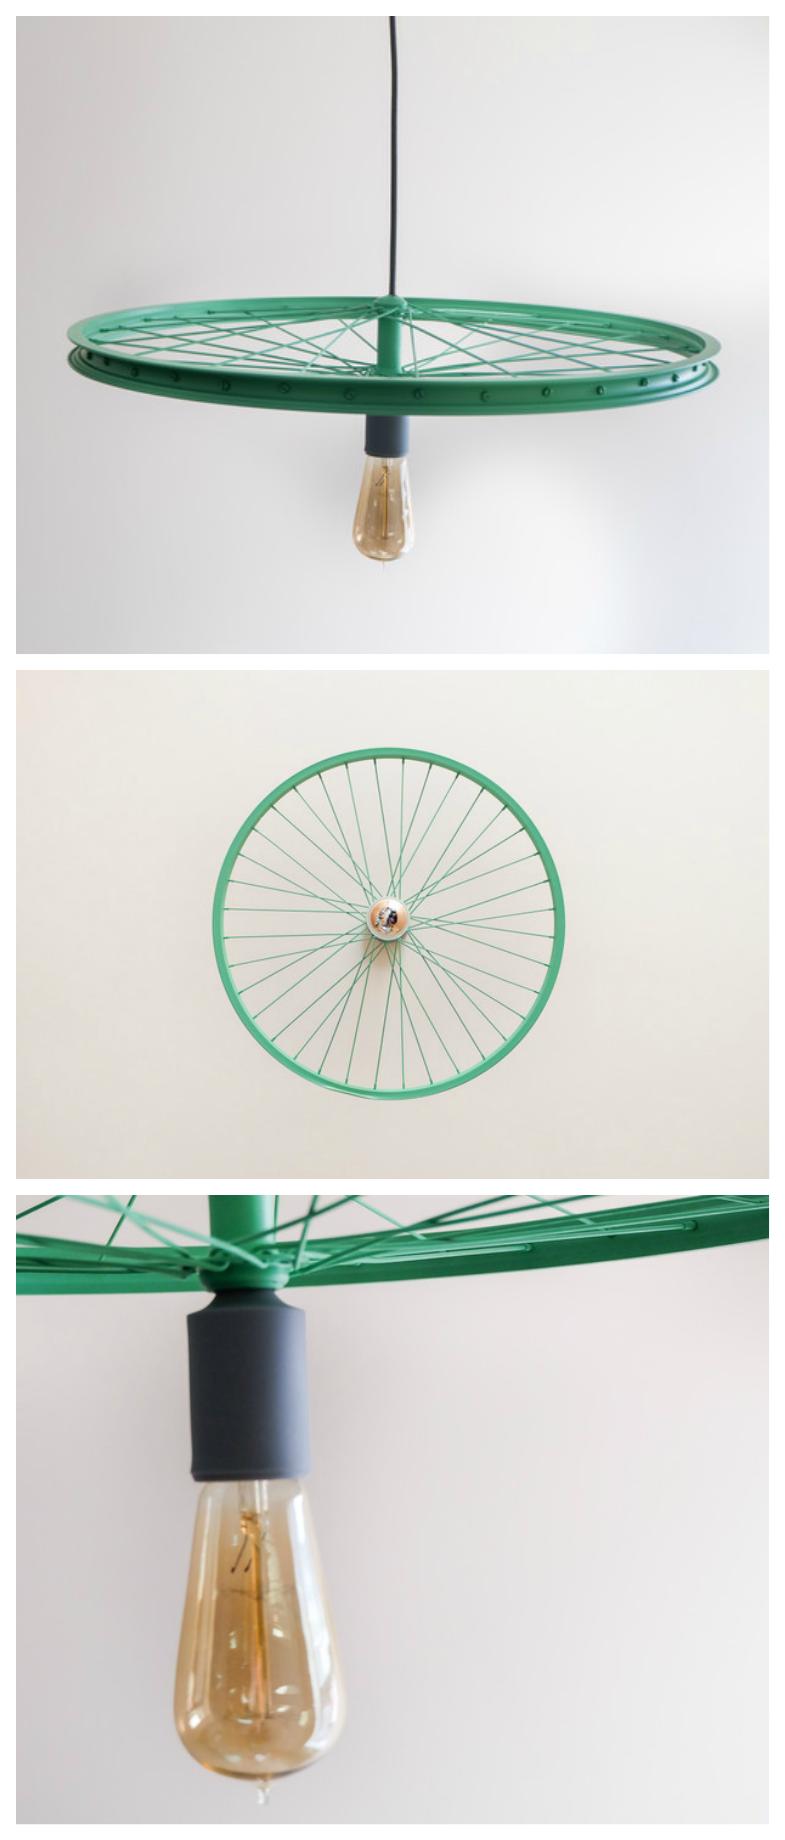 Hangelampe Aus Einem Fahrradreifen Upcycling Wohndeko Hanging